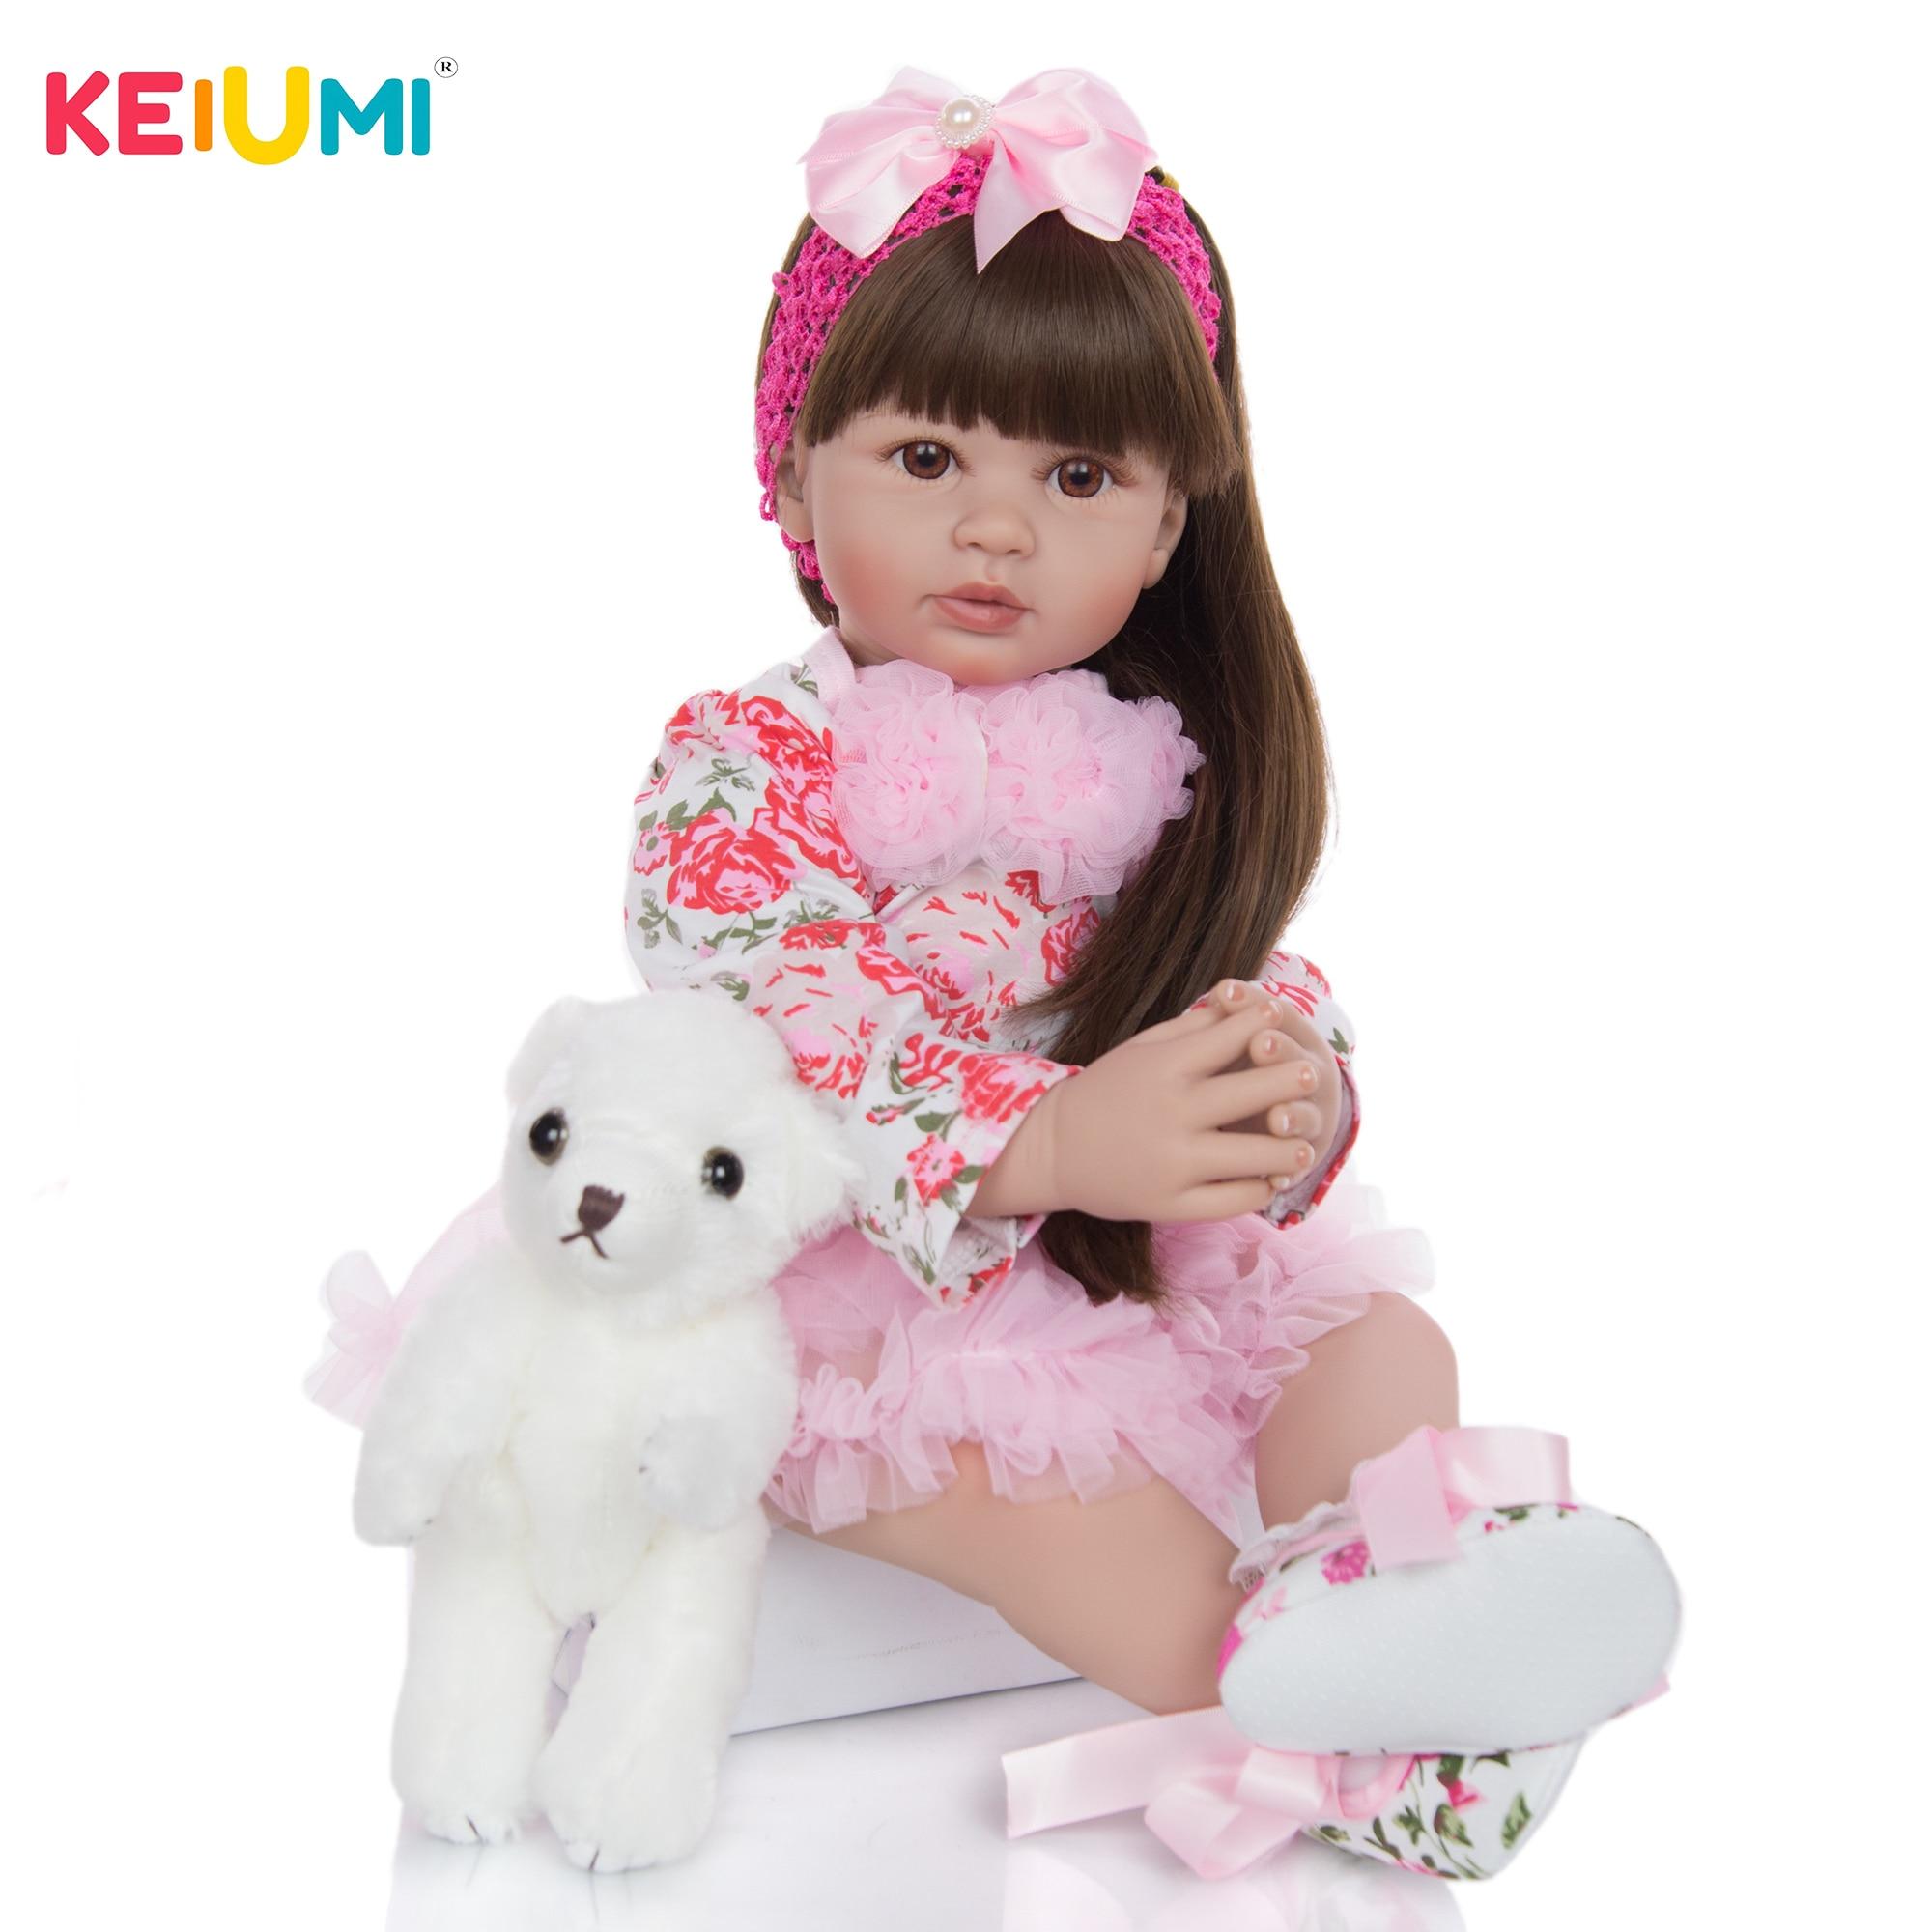 Muñecas de juguete Reborn de Vinilo Suave de silicona de 60 cm para niña muñeca de princesa exquisita juguete de bebé para regalo de cumpleaños infantil juguete para jugar a las casitas